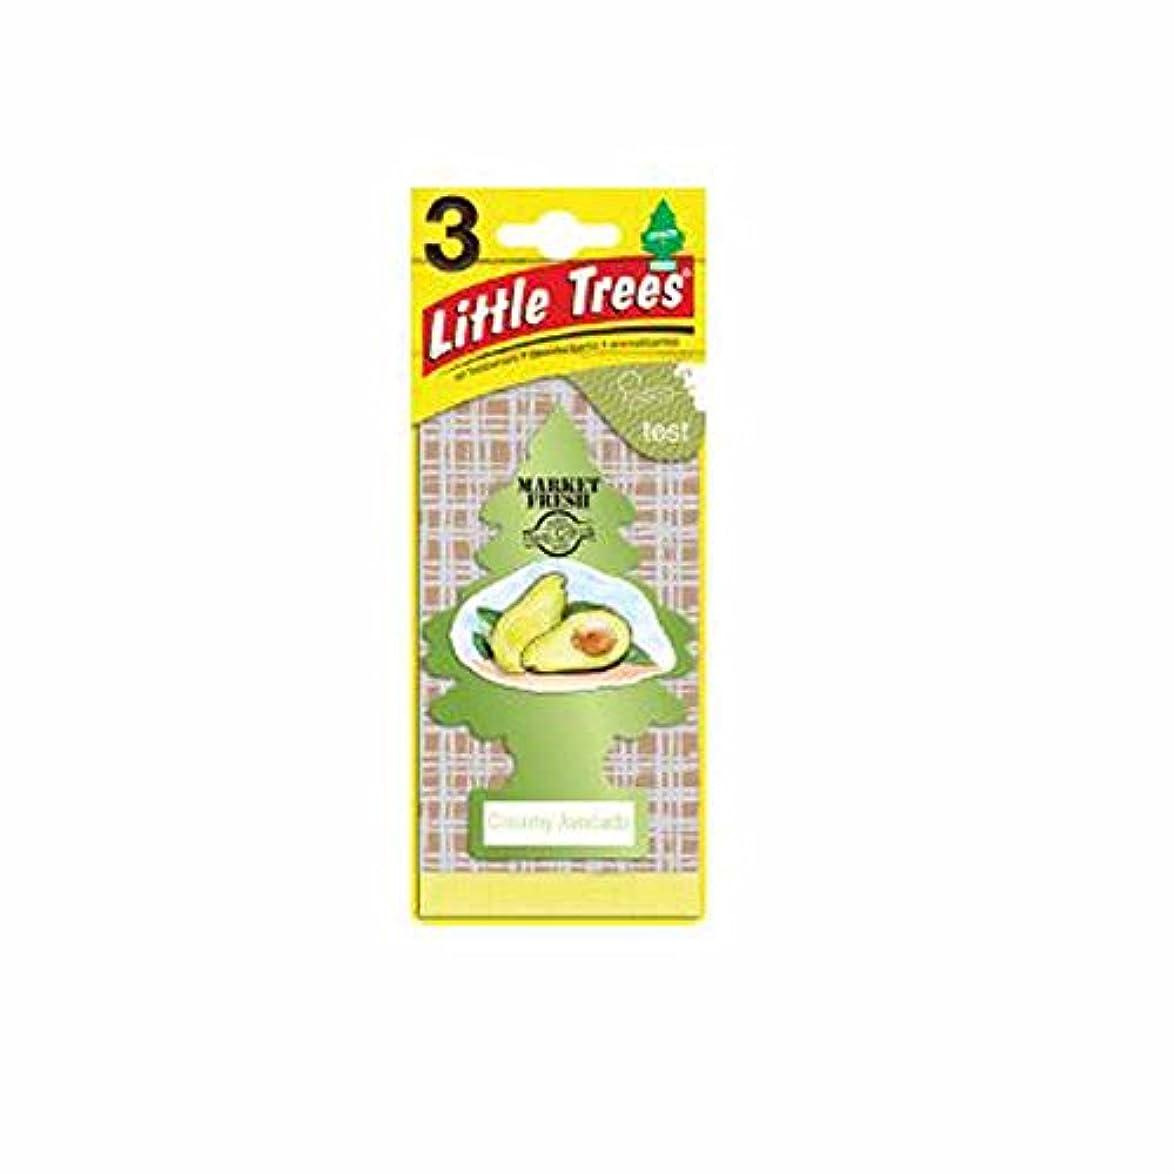 脳酸鎖Little Trees 吊下げタイプ エアーフレッシュナー creamy avocado(クリーミーアボカド) 3枚セット(3P) U3S-37340